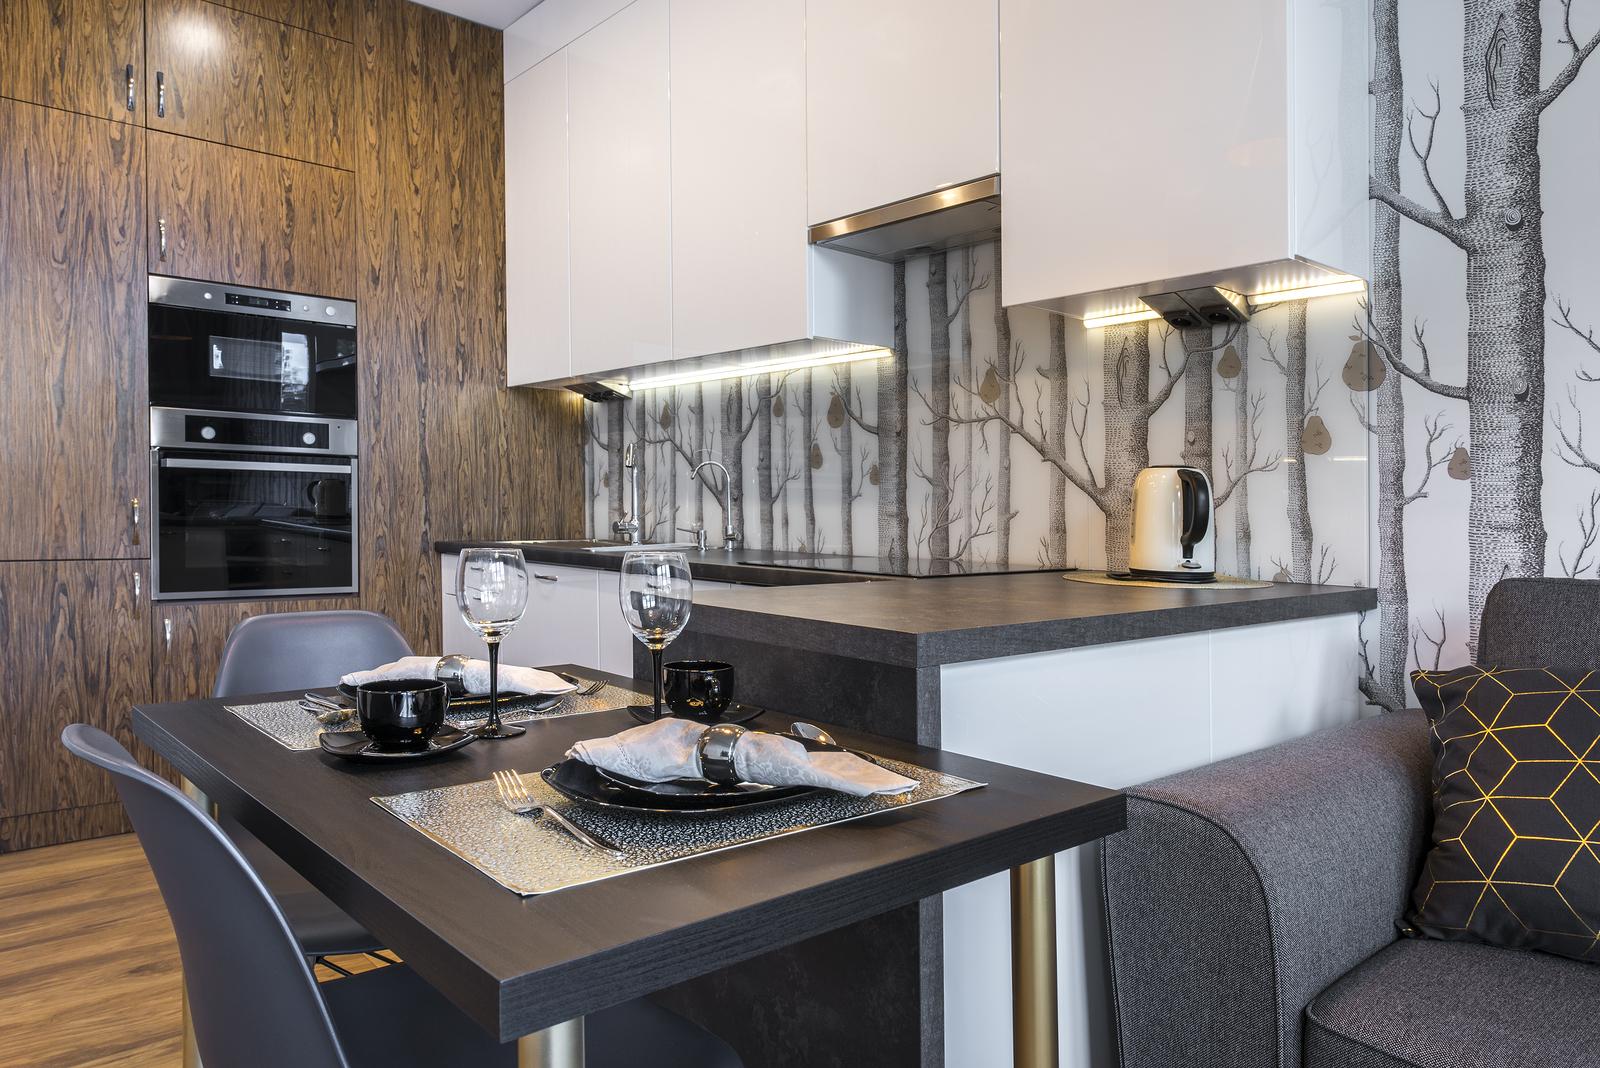 einraumwohnung einrichten praktische tipps wohn. Black Bedroom Furniture Sets. Home Design Ideas